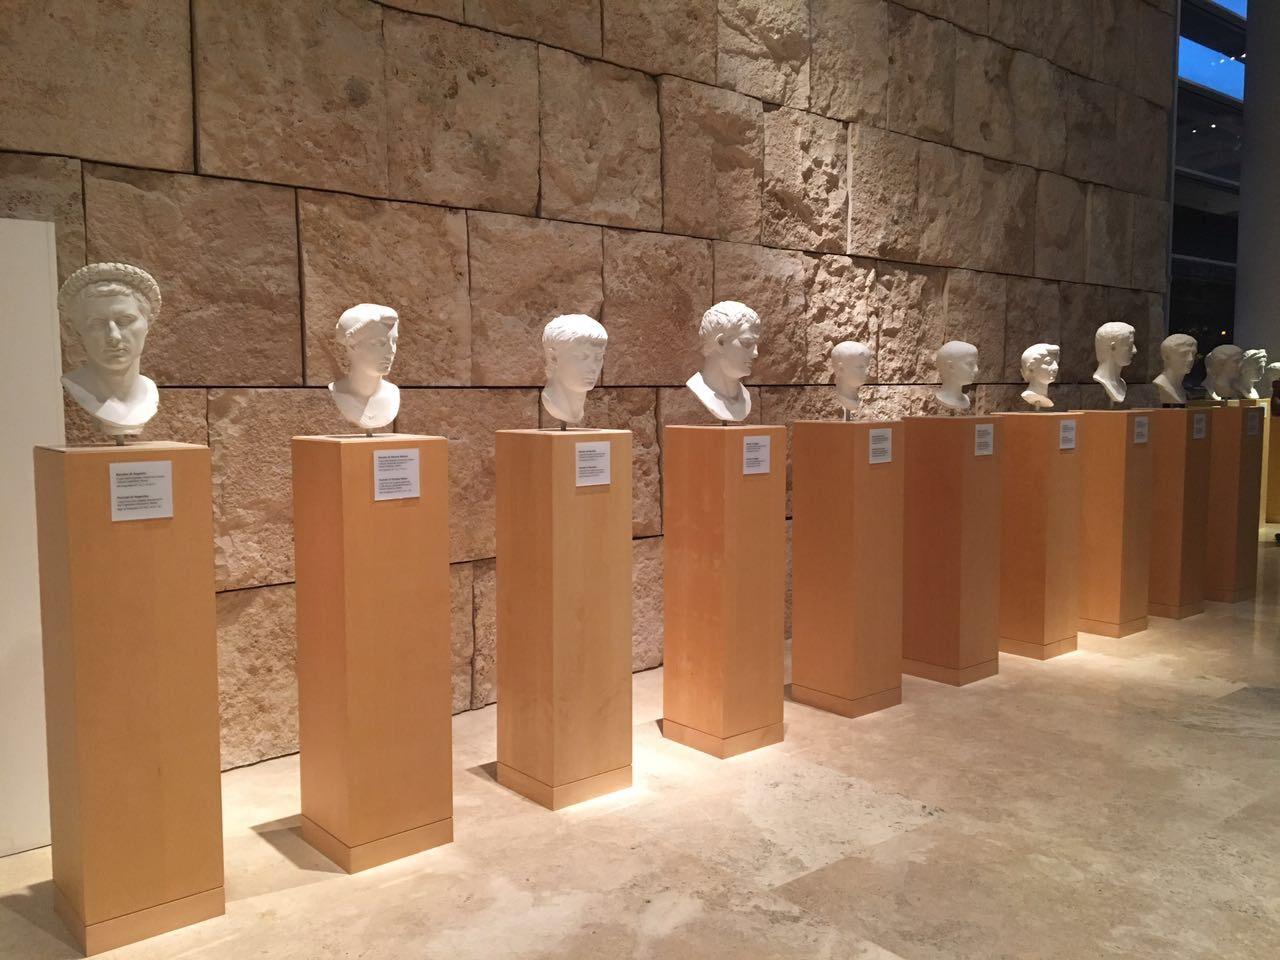 Giornata dedicata ad Augusto al Museo dell'Ara Pacis